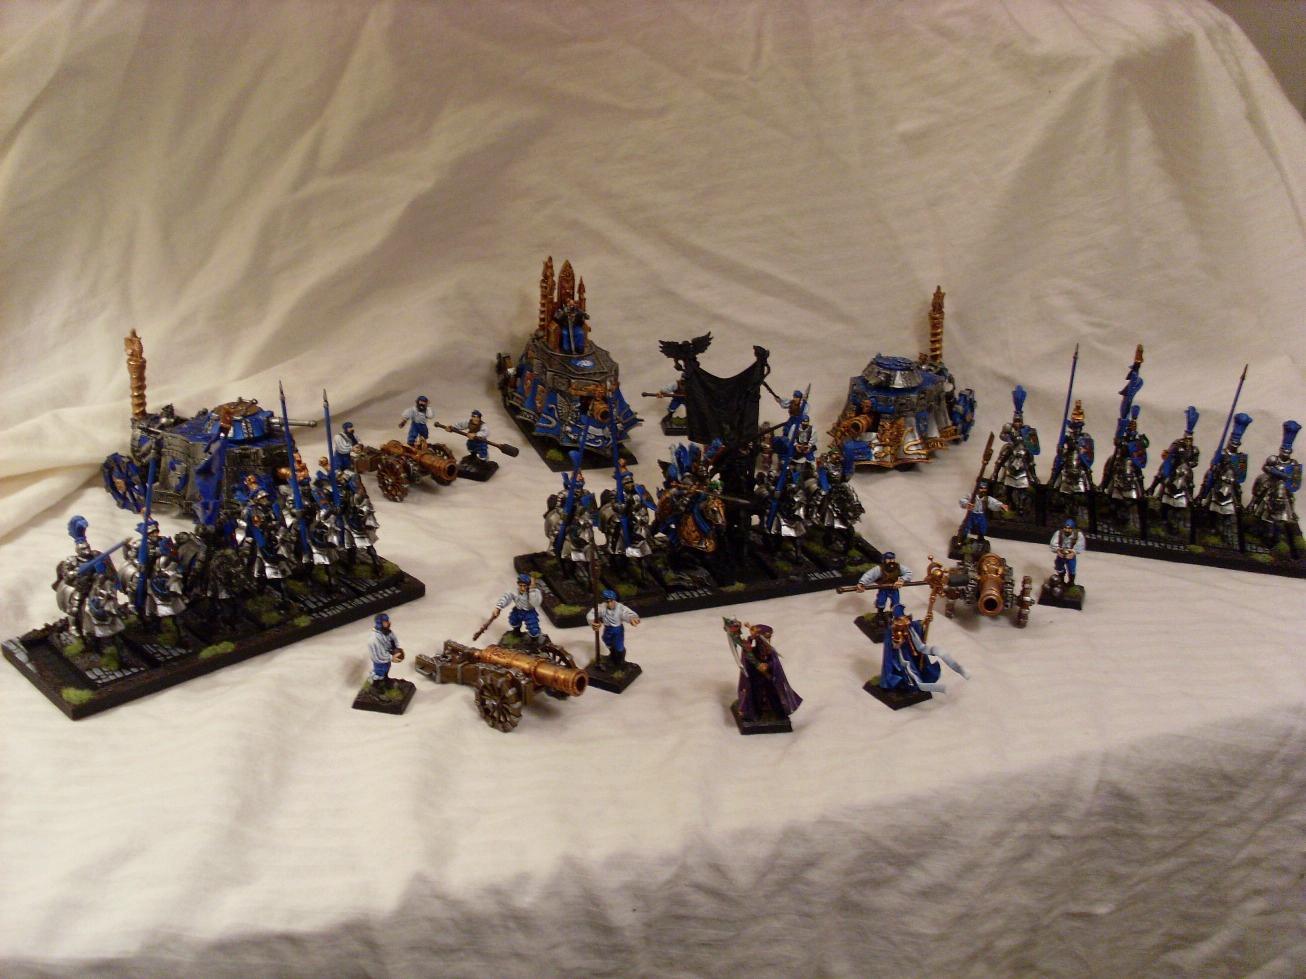 Army, Empire, Warhammer Fantasy